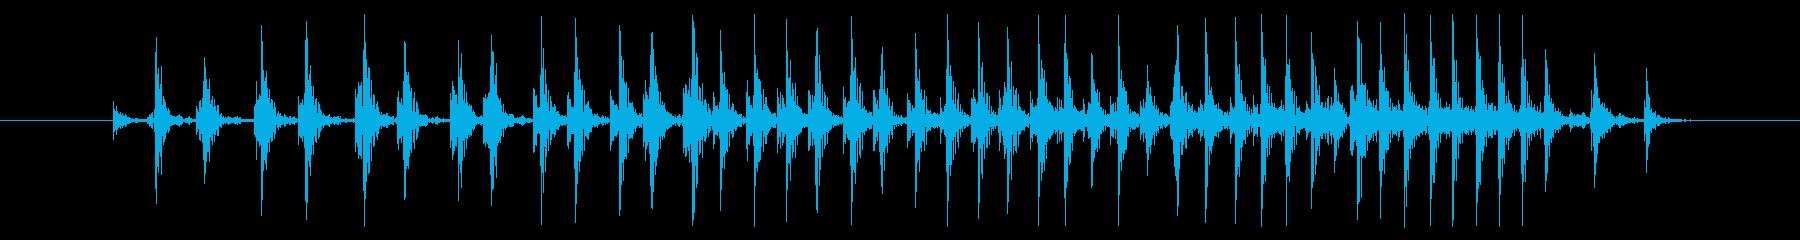 鳴き声 バープロング01の再生済みの波形